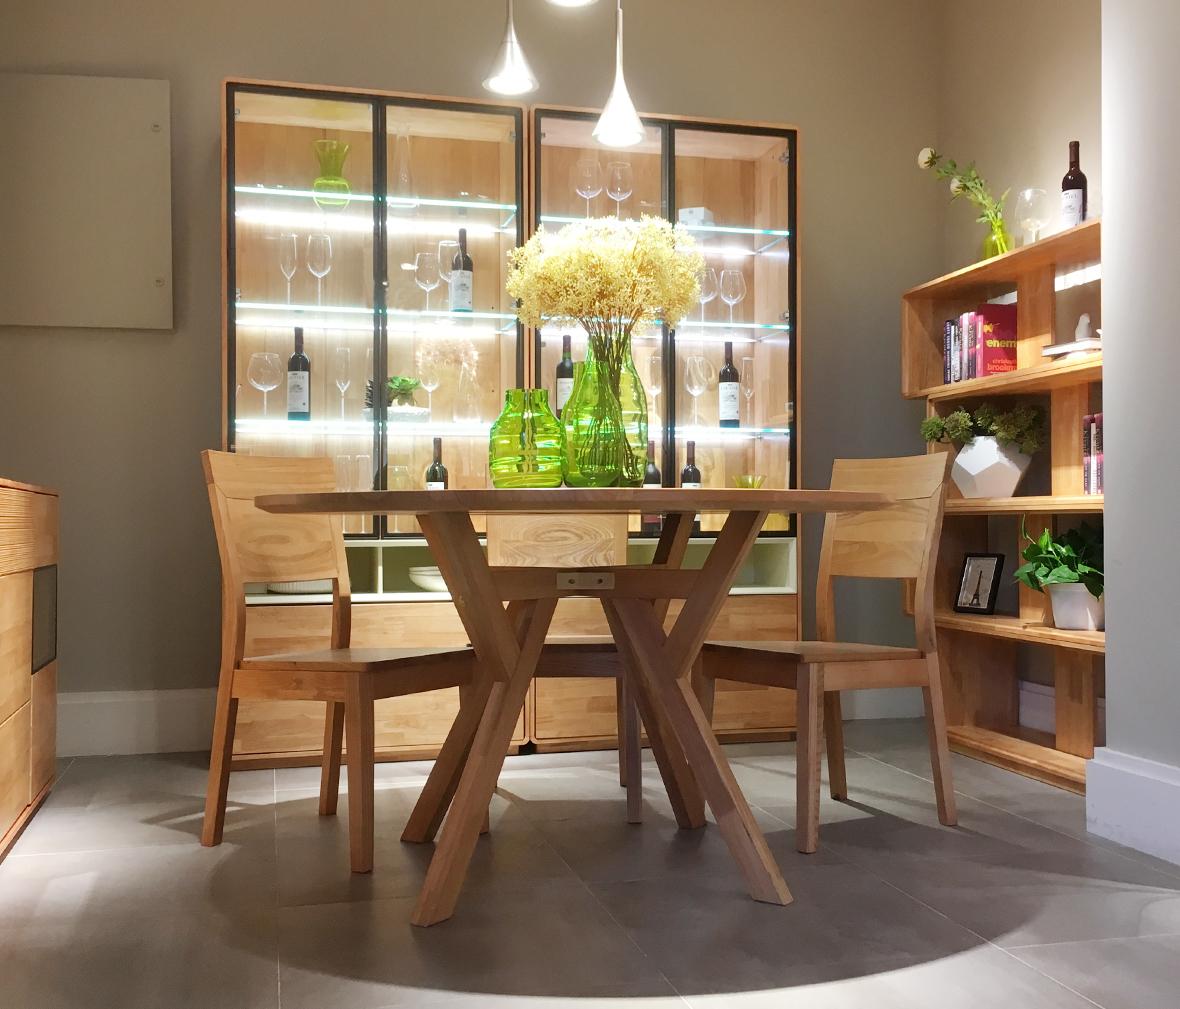 6霸王枨餐桌 ye001型号 榆木材质 中式古典风格   眼缘:2  森林之源